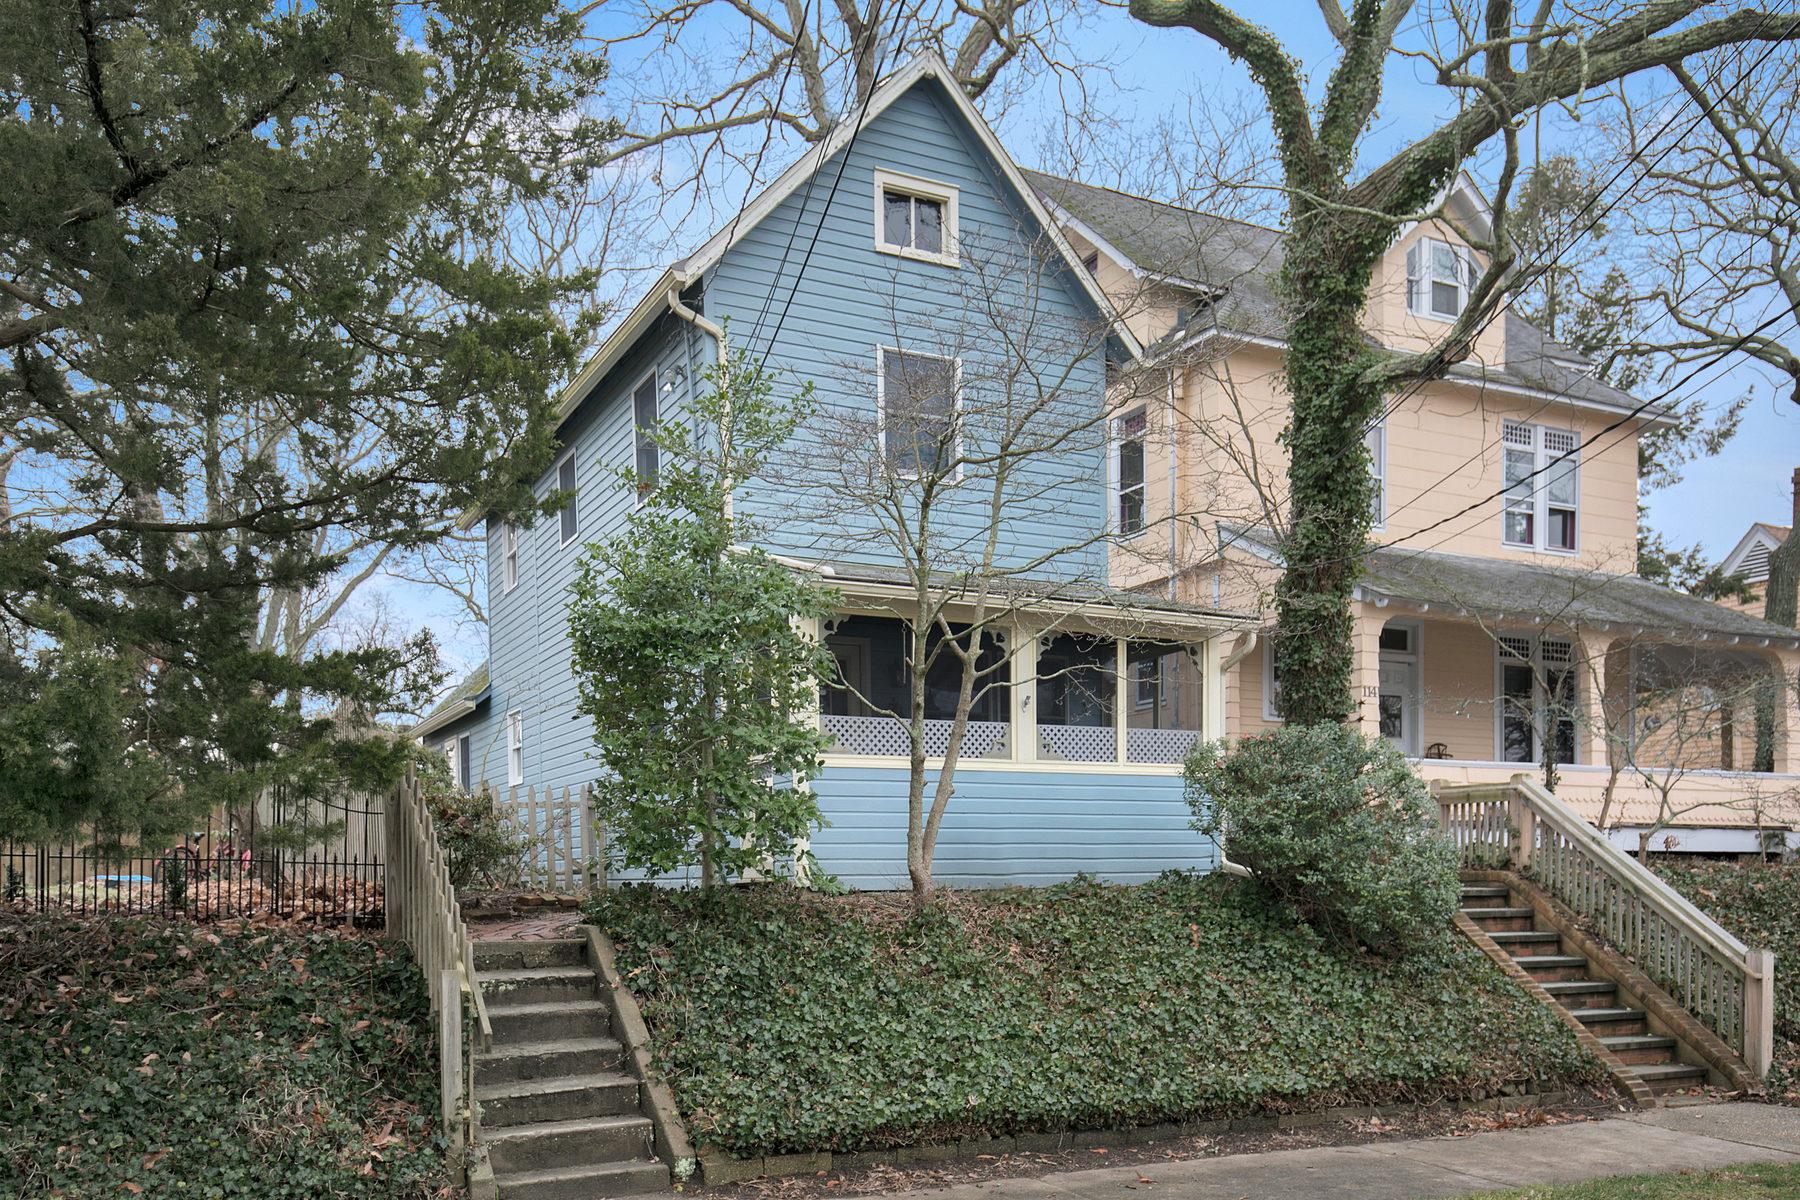 Частный односемейный дом для того Продажа на Warm And Inviting One-Of-A-Kind Home 116 Ocean Avenue Island Heights, Нью-Джерси 08732 Соединенные Штаты